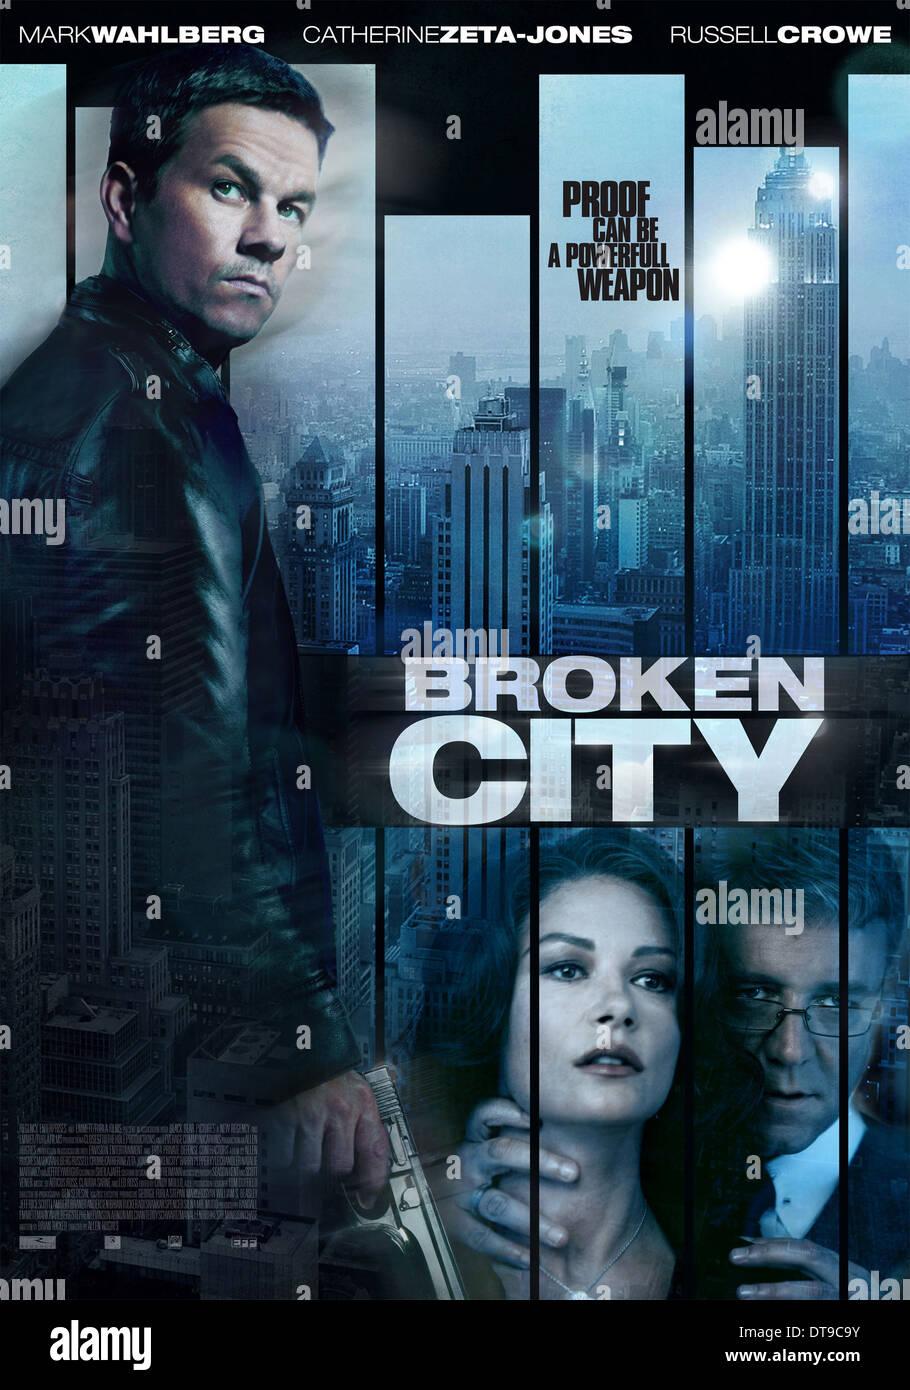 Mark Wahlberg Catherine Zeta Jones Russell Crowe Poster Broken Stock Photo Alamy